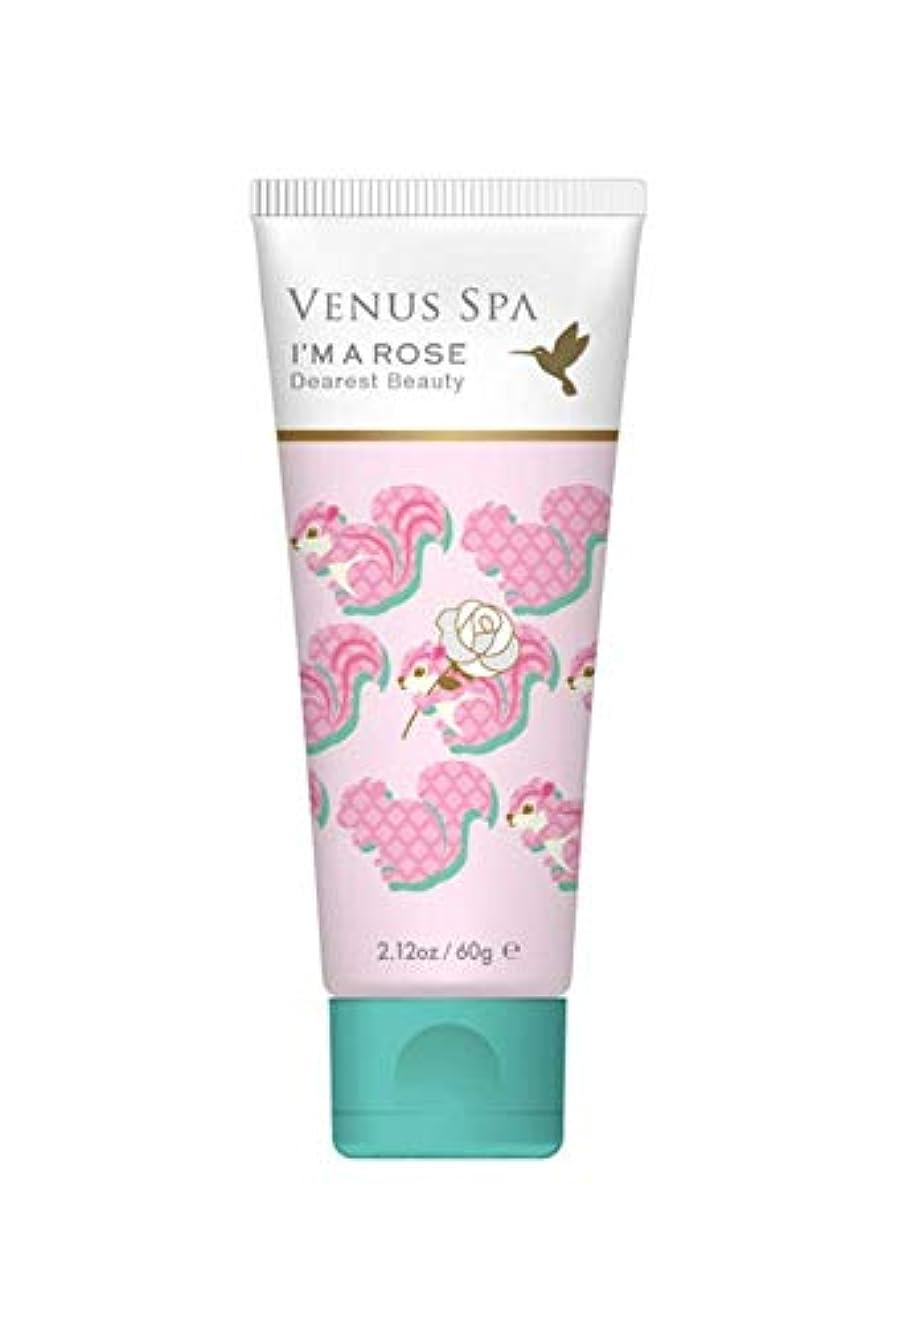 放散する冷笑するピケVenus Spa(ヴィーナススパ) フレグランスハンドクリーム ディアレスト ボディクリーム 可憐なフルーティフローラル 60g